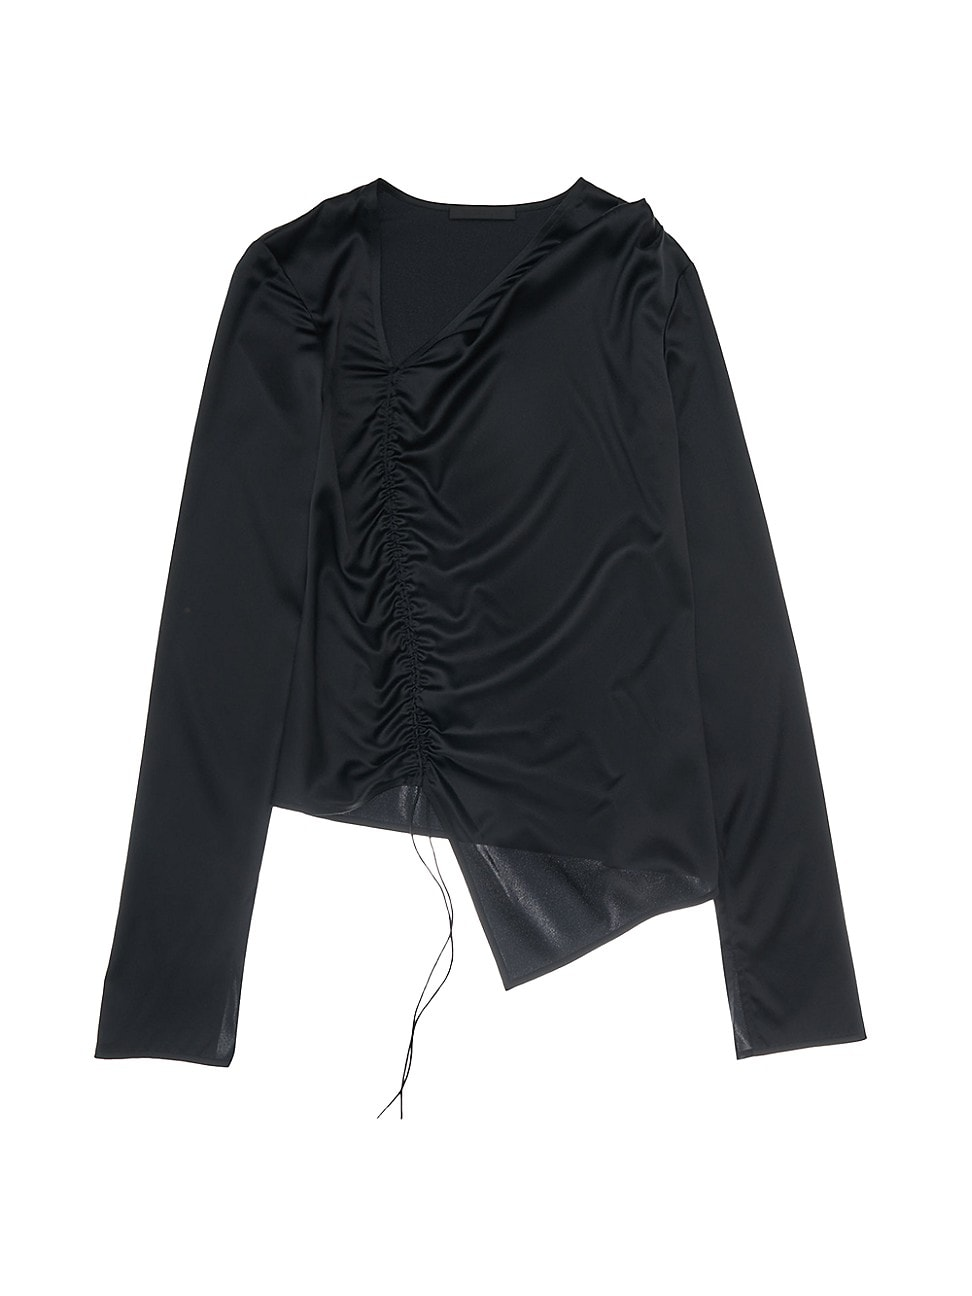 Helmut Lang WOMEN'S RUCHED SILK-BLEND TOP